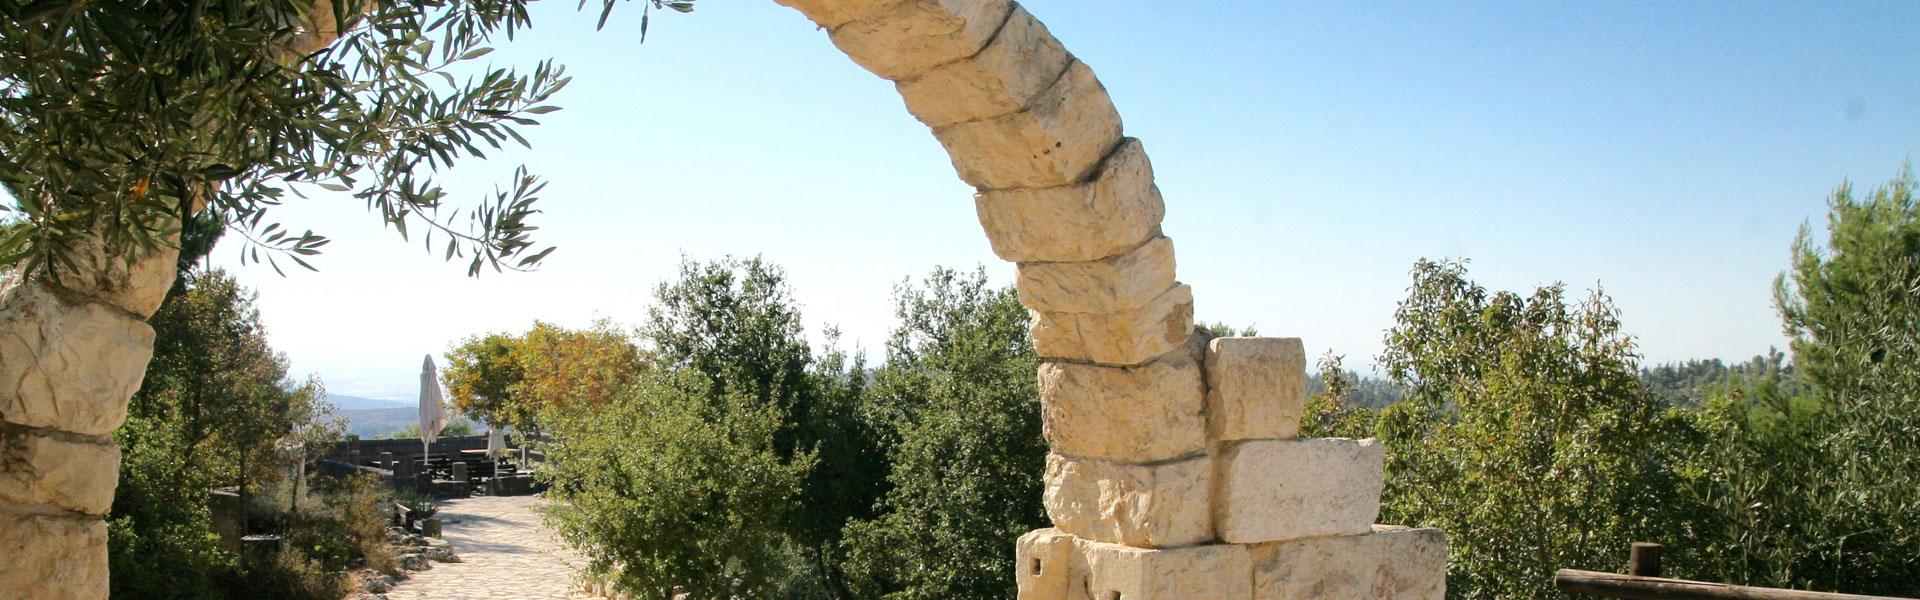 Séjour au Kibboutz Yad Hashmona